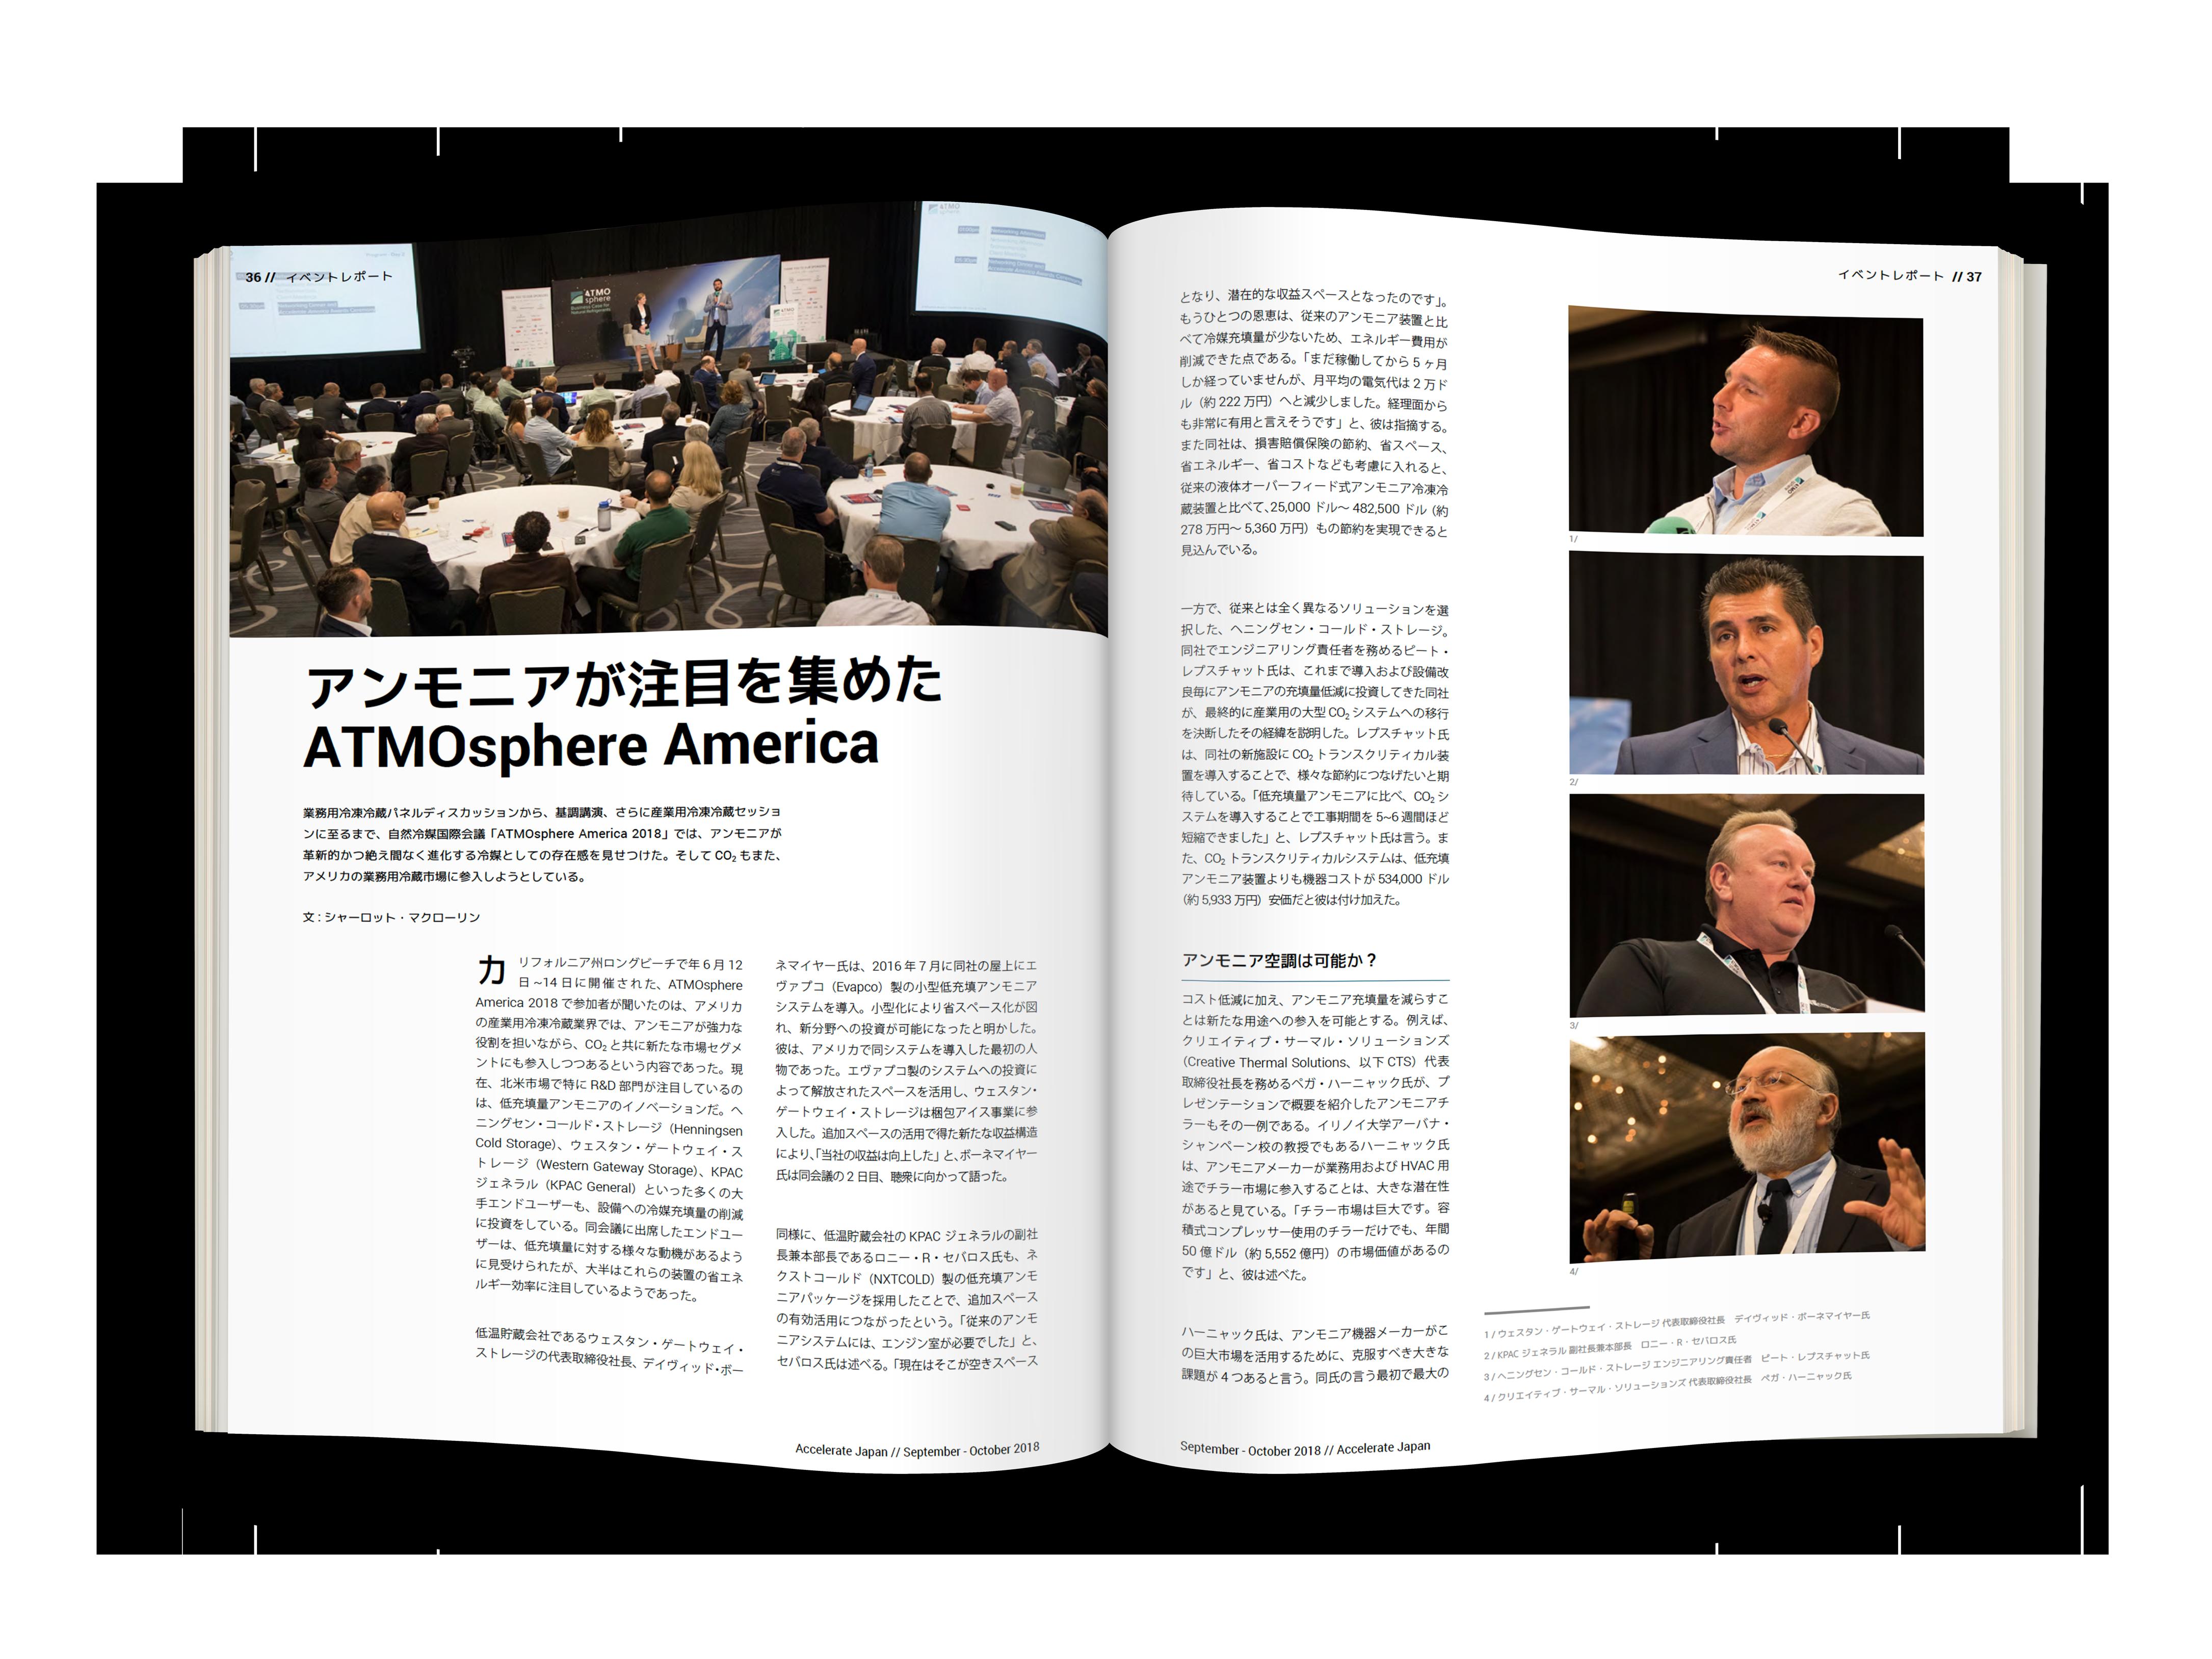 アンモニアが注目を集めたATMOsphere America